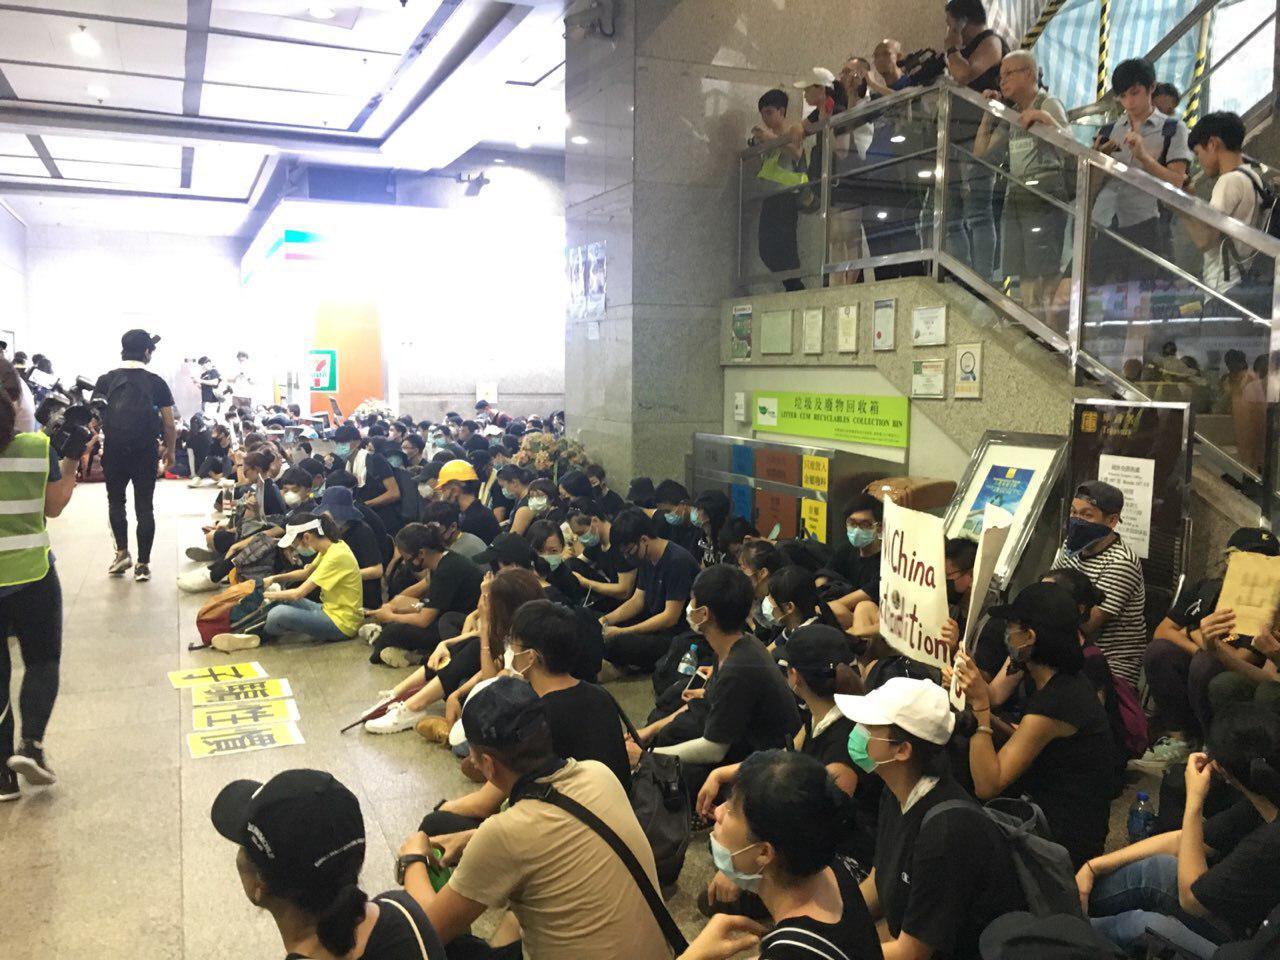 示威者進入旁邊的入境事務大樓後,並席地而坐,高呼「撤回」。(反送中已核實資訊頻道)